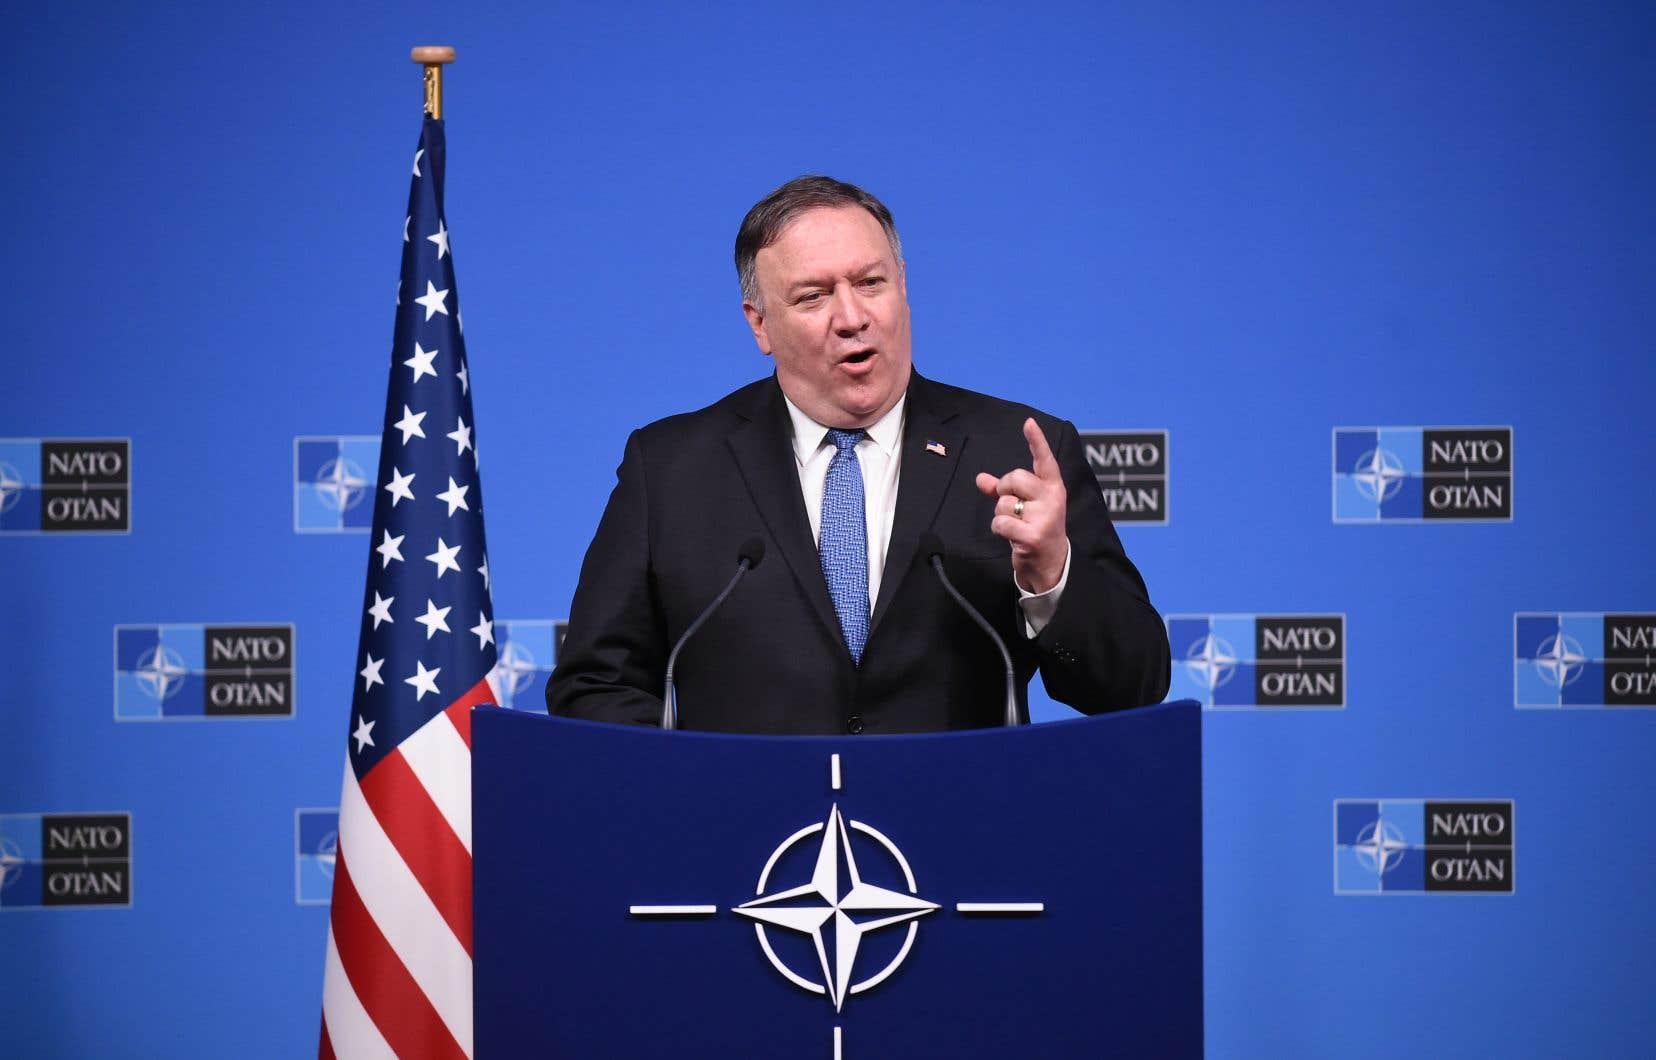 «Les États-Unis déclarent aujourd'hui que la Russie a violé le traité et nous suspendrons nos obligations dans 60 jours, à moins que la Russie ne respecte ses obligations de manière vérifiable», a annoncé le secrétaire d'État américain, Mike Pompeo.